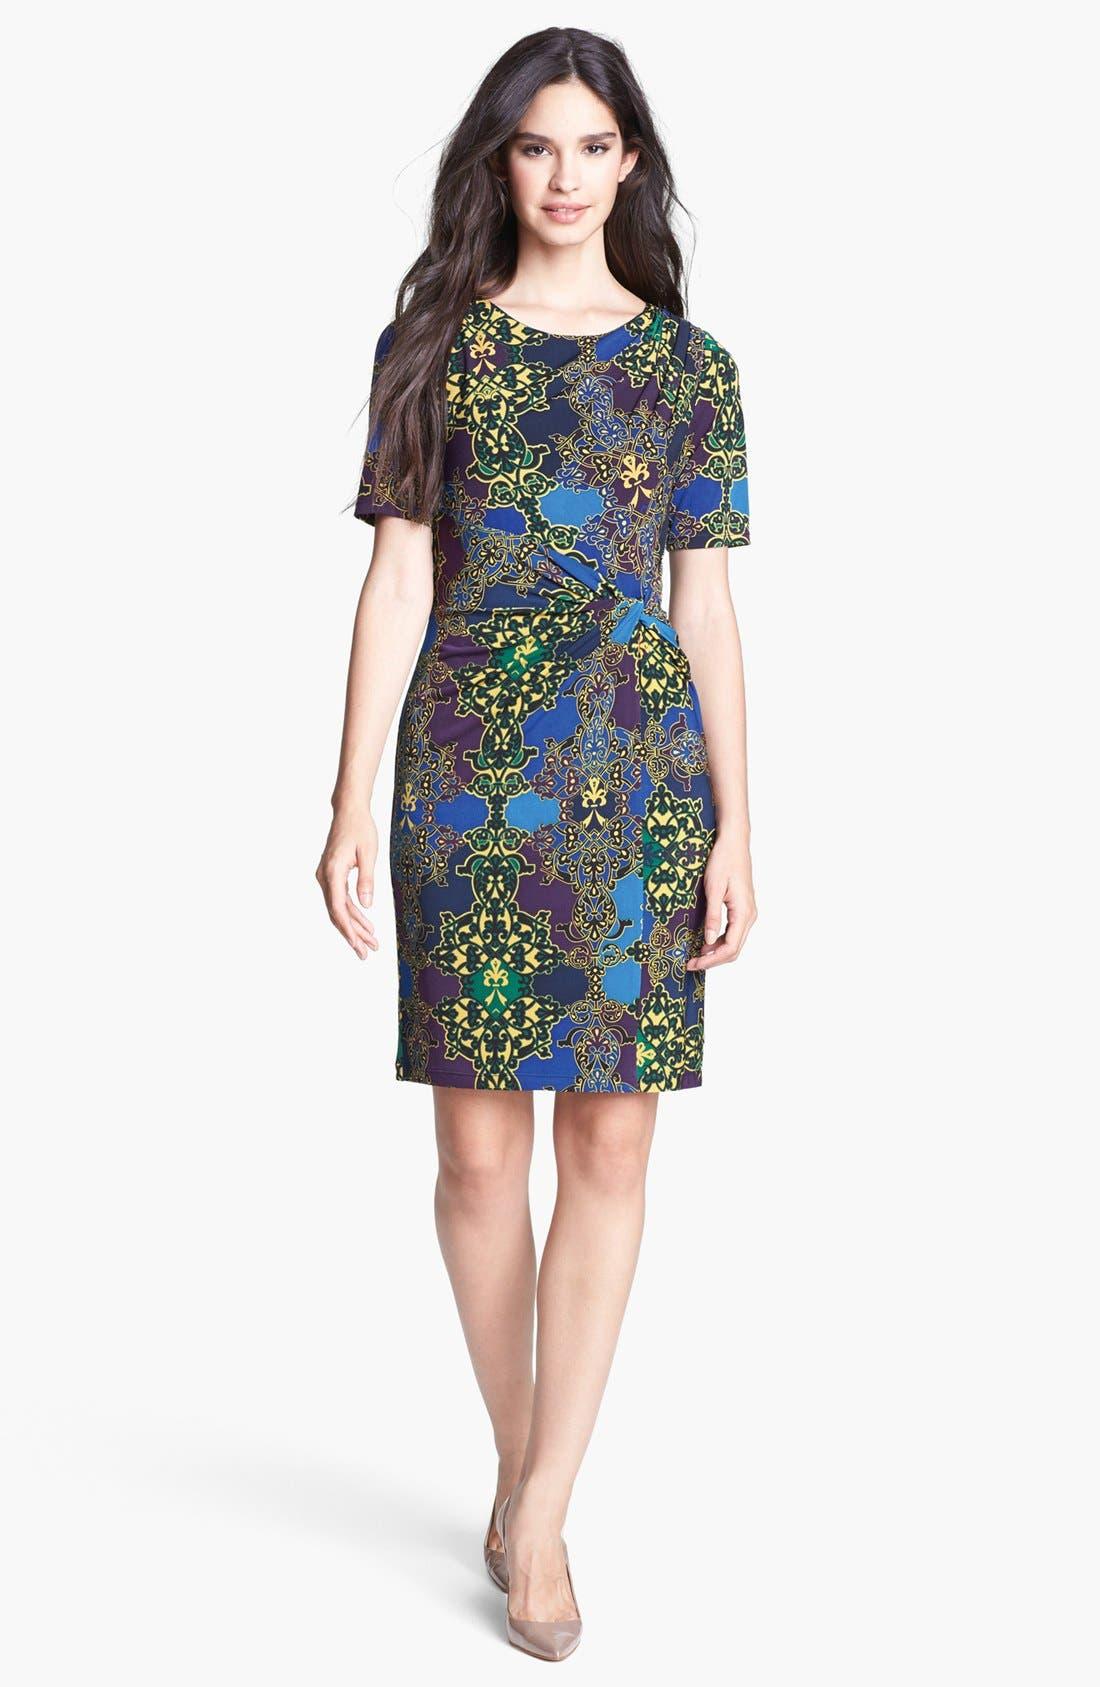 Alternate Image 1 Selected - Ellen Tracy Print Side Twist Dress